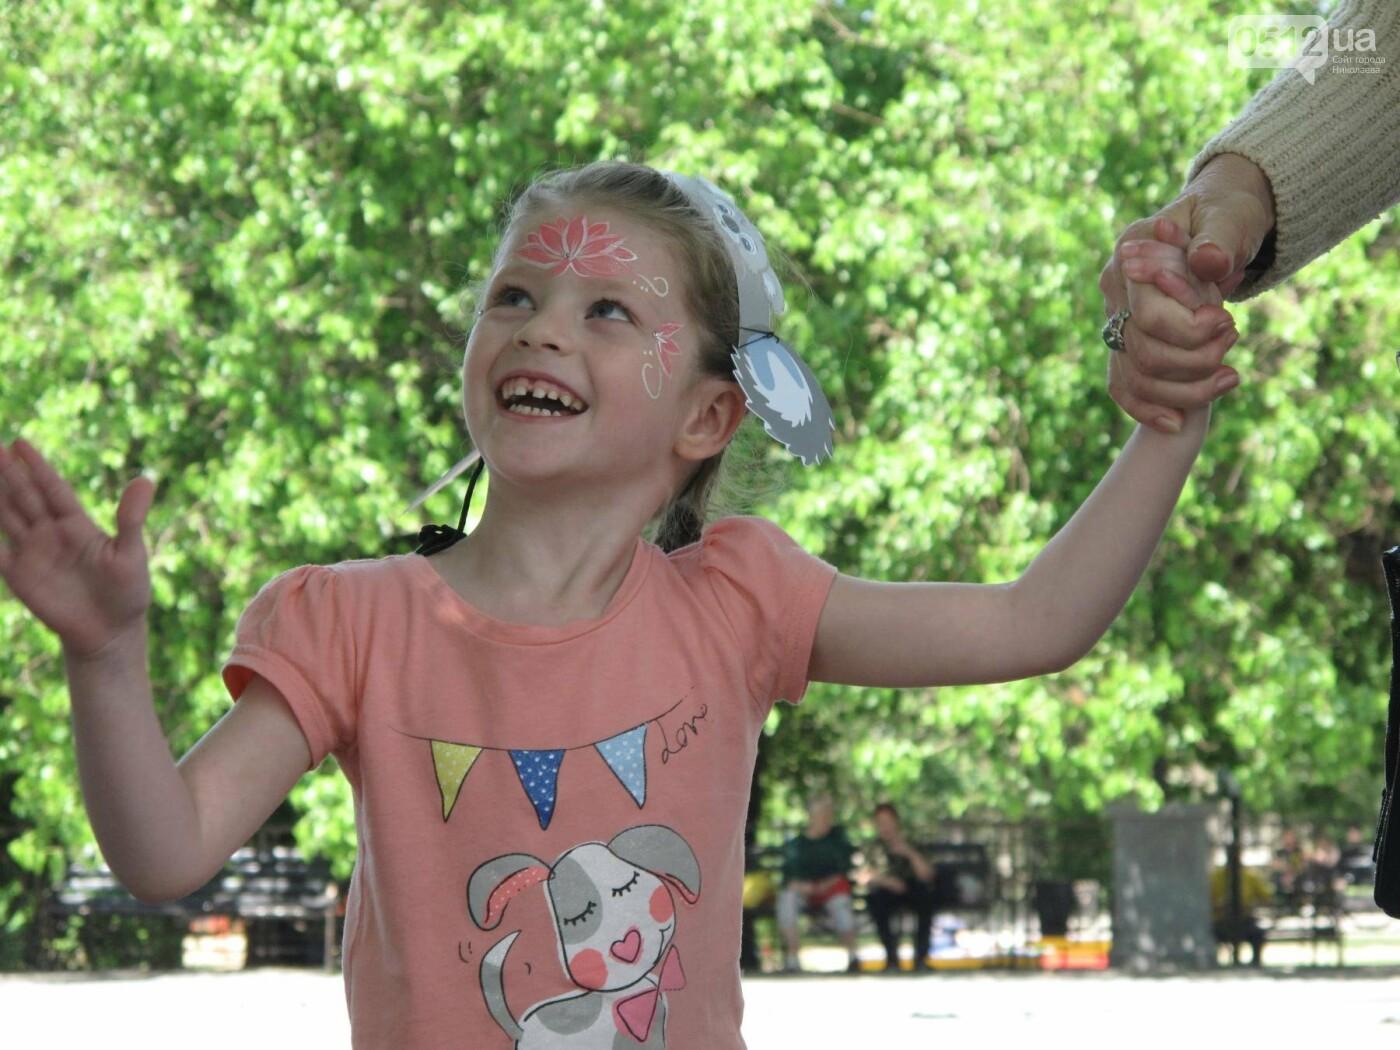 В Сердце города организовали развлекательную программу для детей с нарушением слуха., фото-6